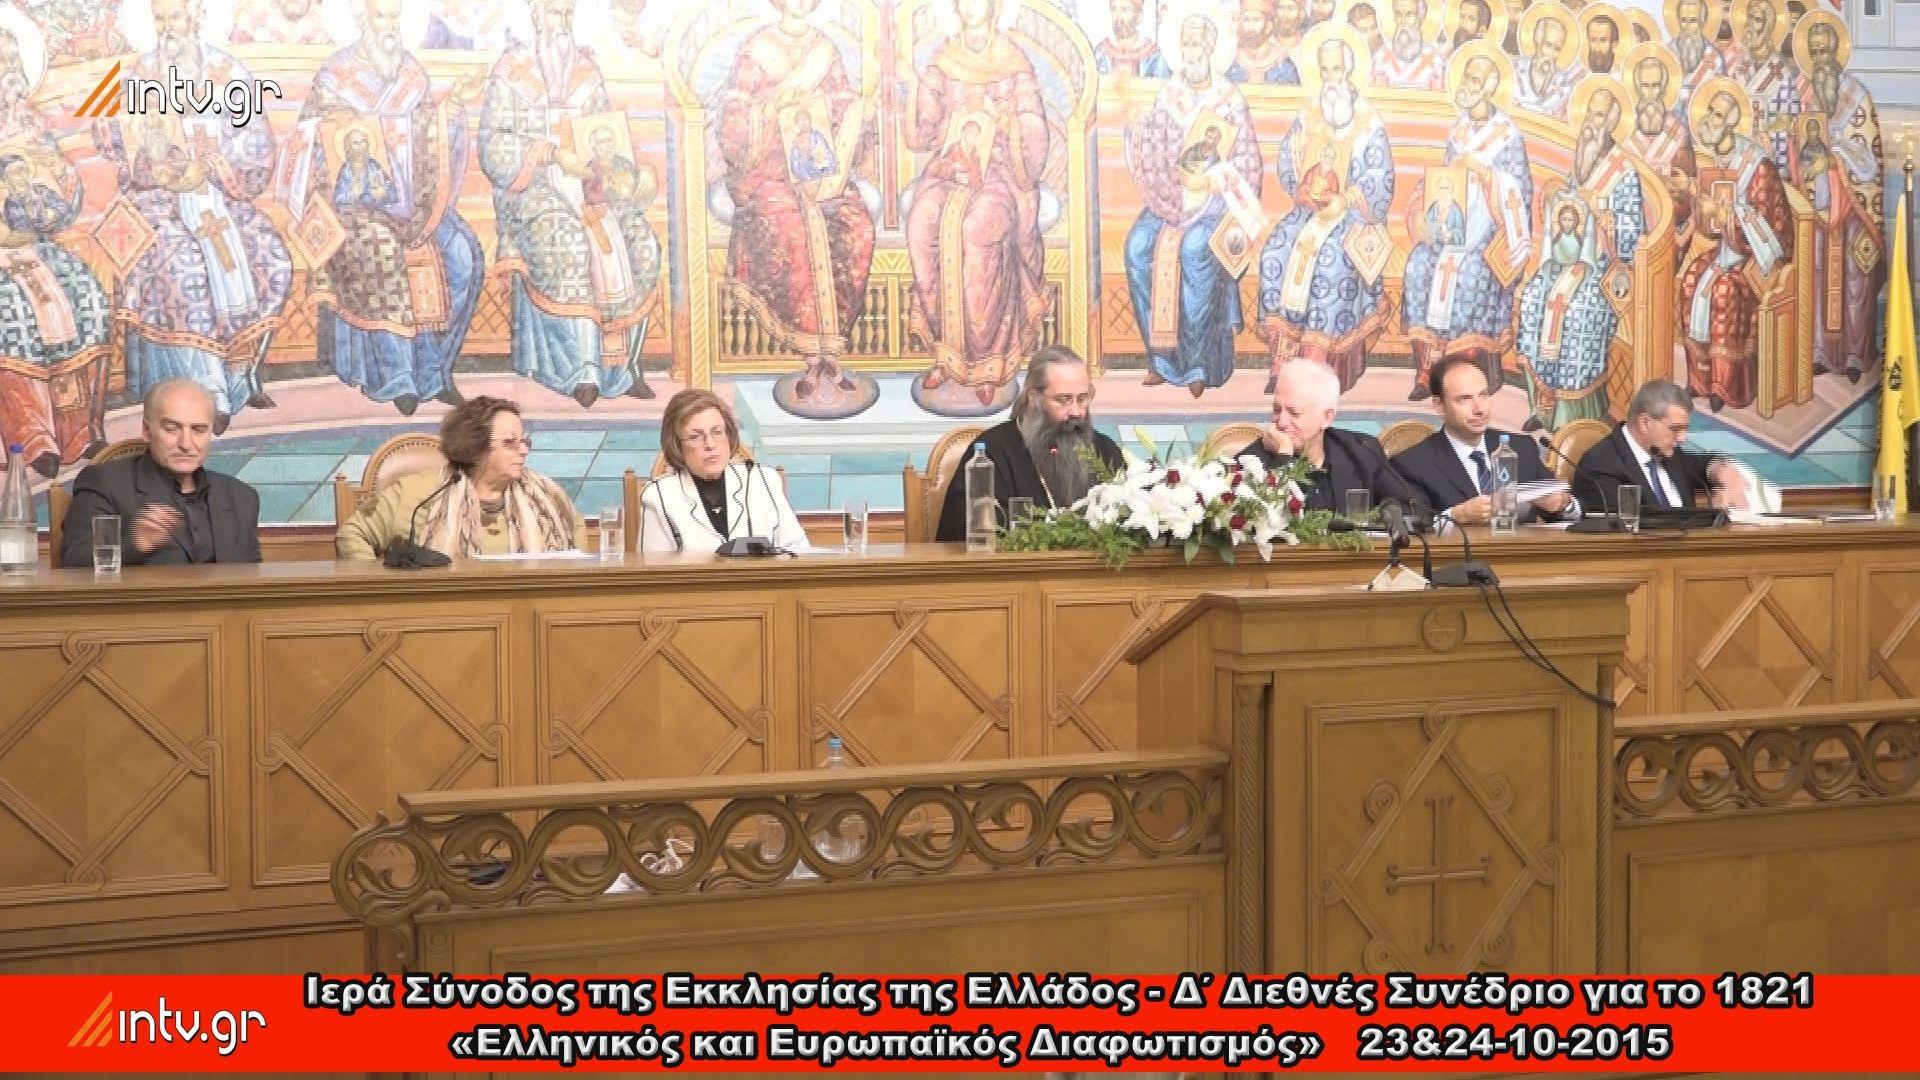 Ιερά Σύνοδος της Εκκλησίας της Ελλάδος - Δ΄ Διεθνές Συνέδριο για το 1821  «Ελληνικός και Ευρωπαϊκός Διαφωτισμός»